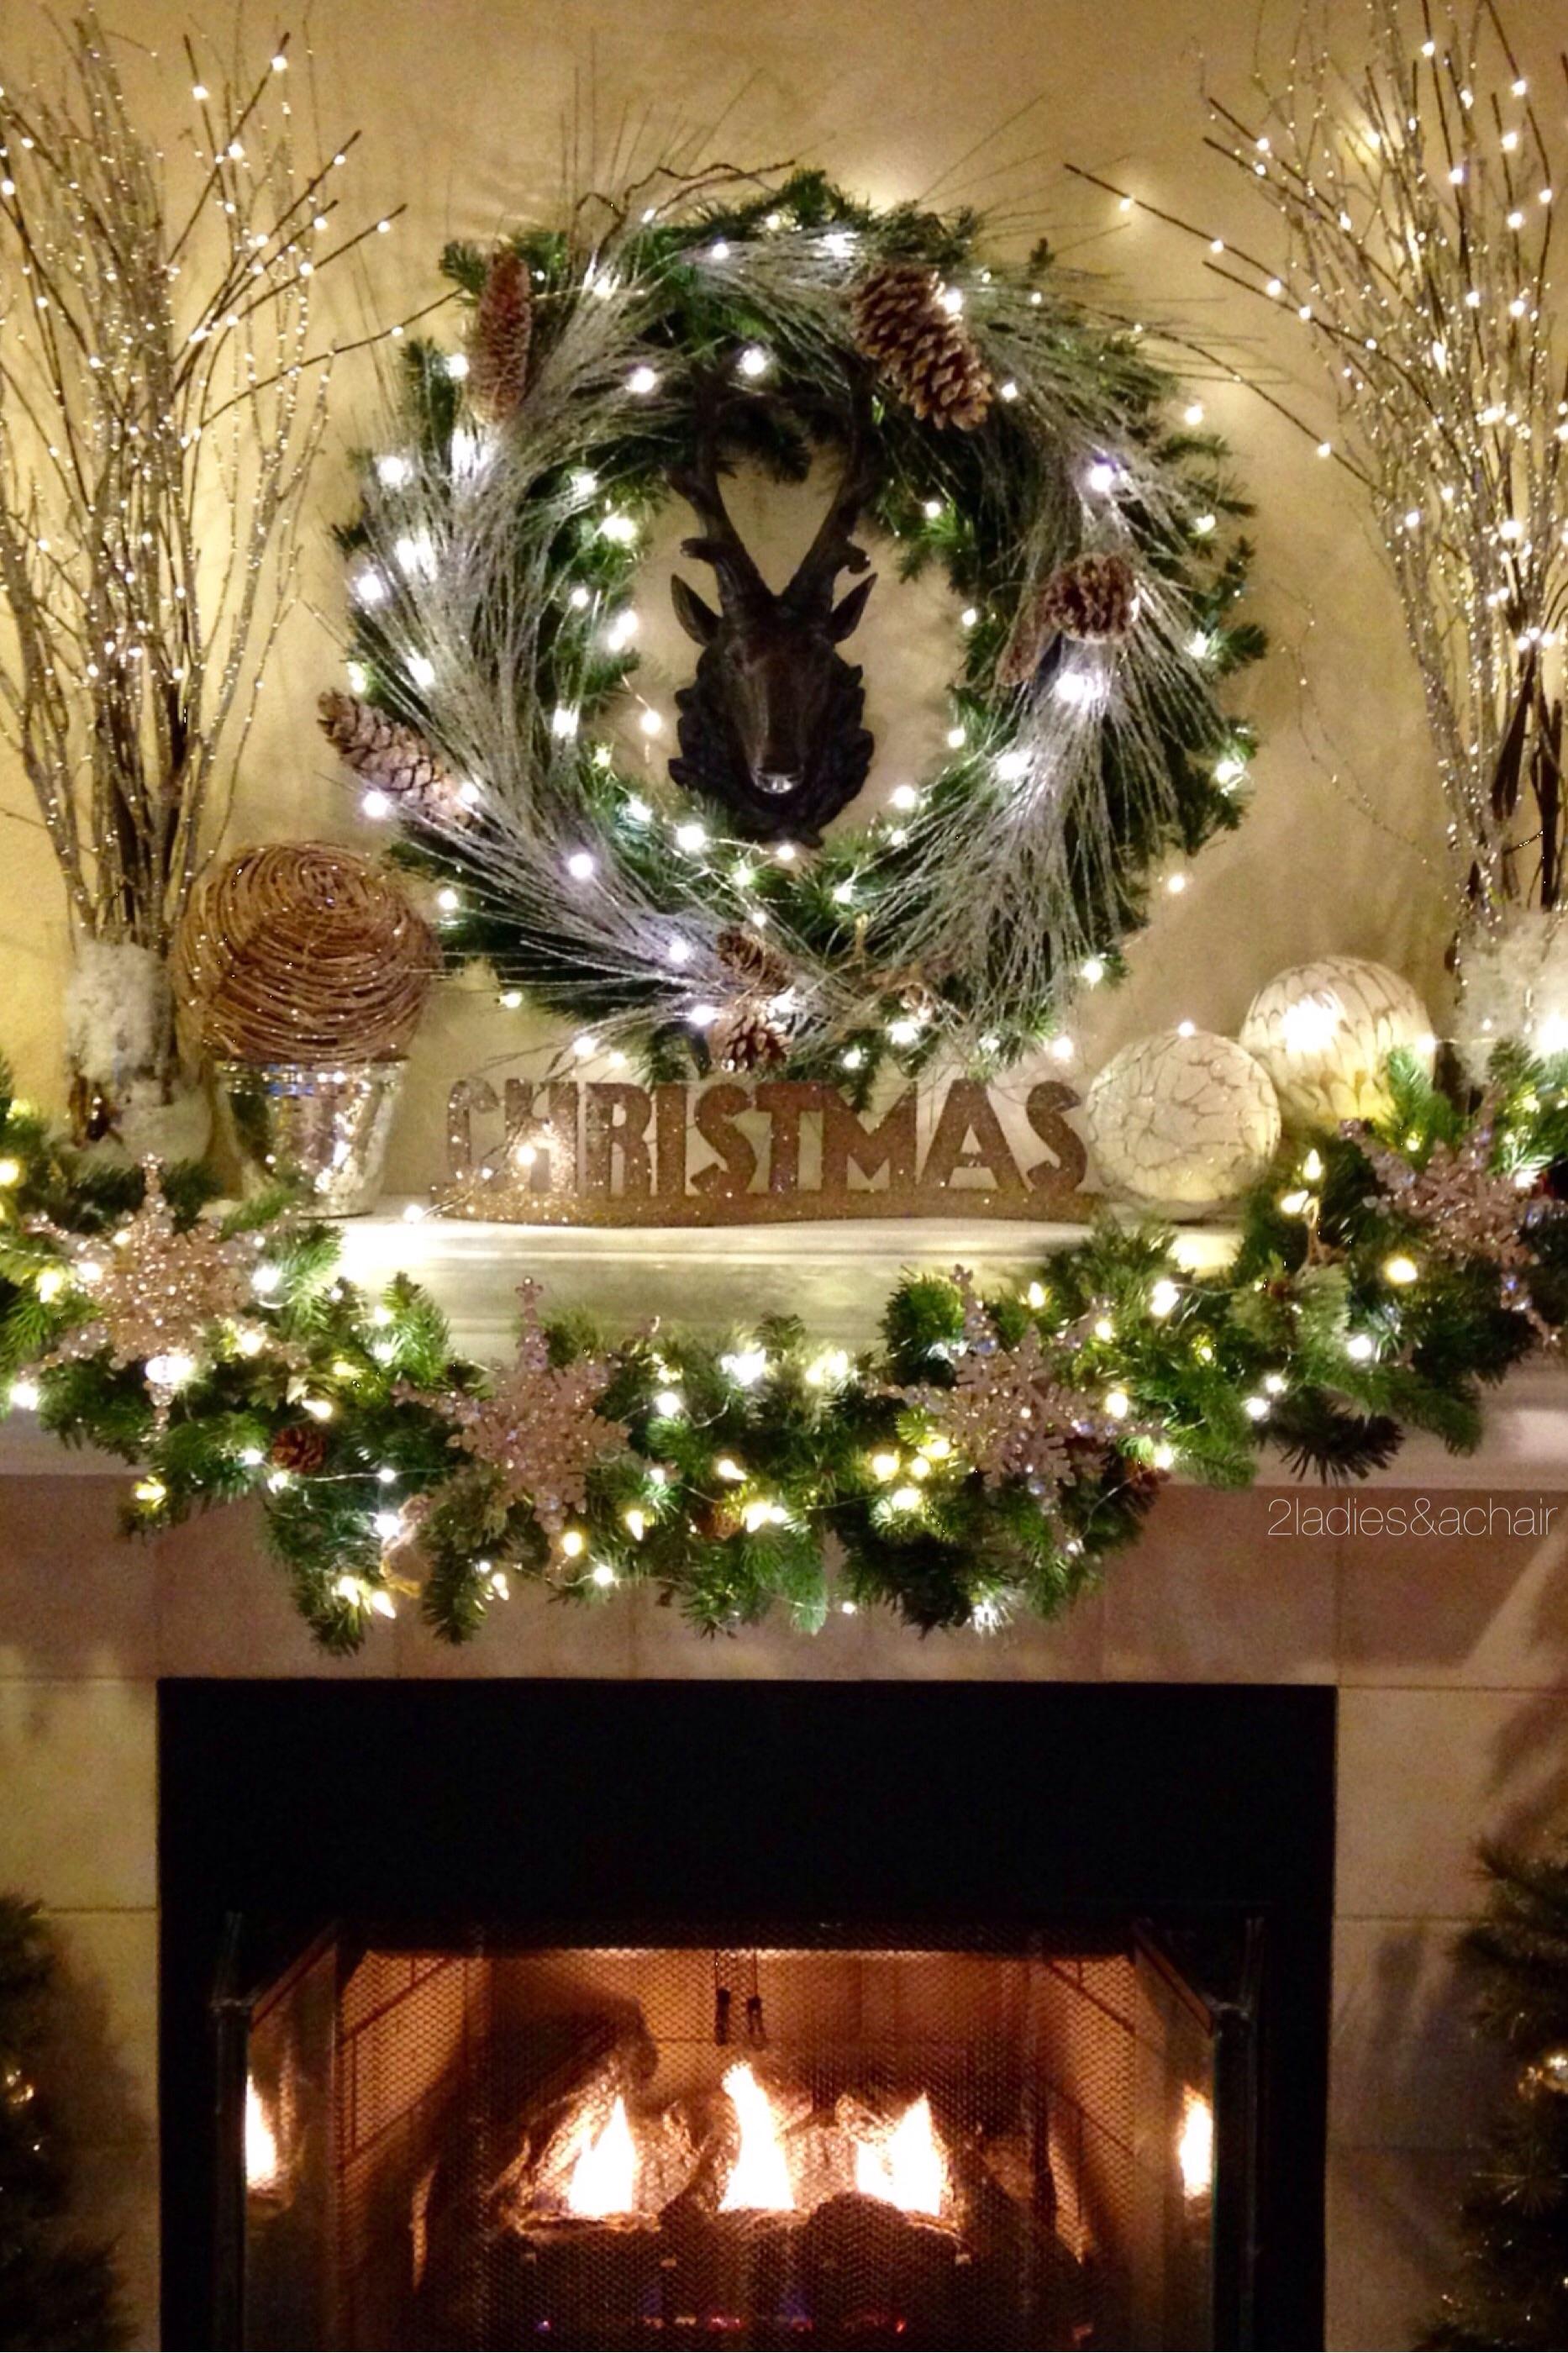 Home Goods Christmas Decorations Decor Ideas